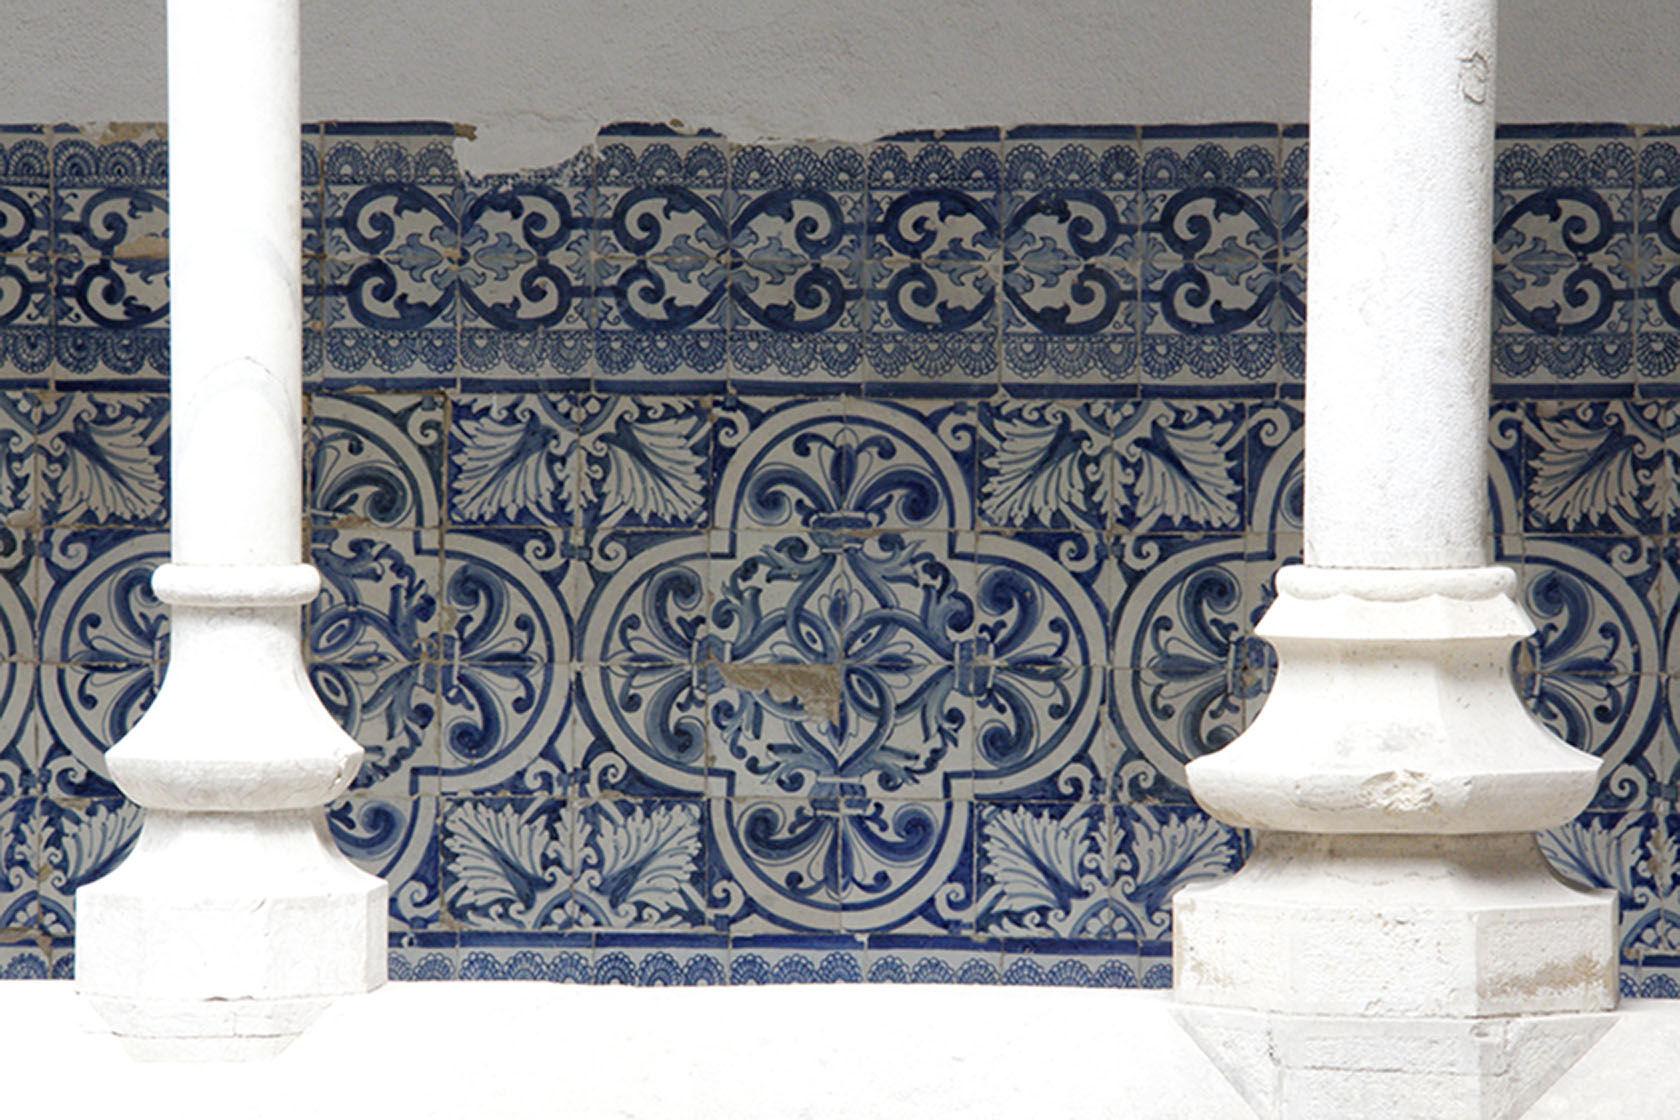 azulejos #Portugal #Azulejos @GingerandNutmeg